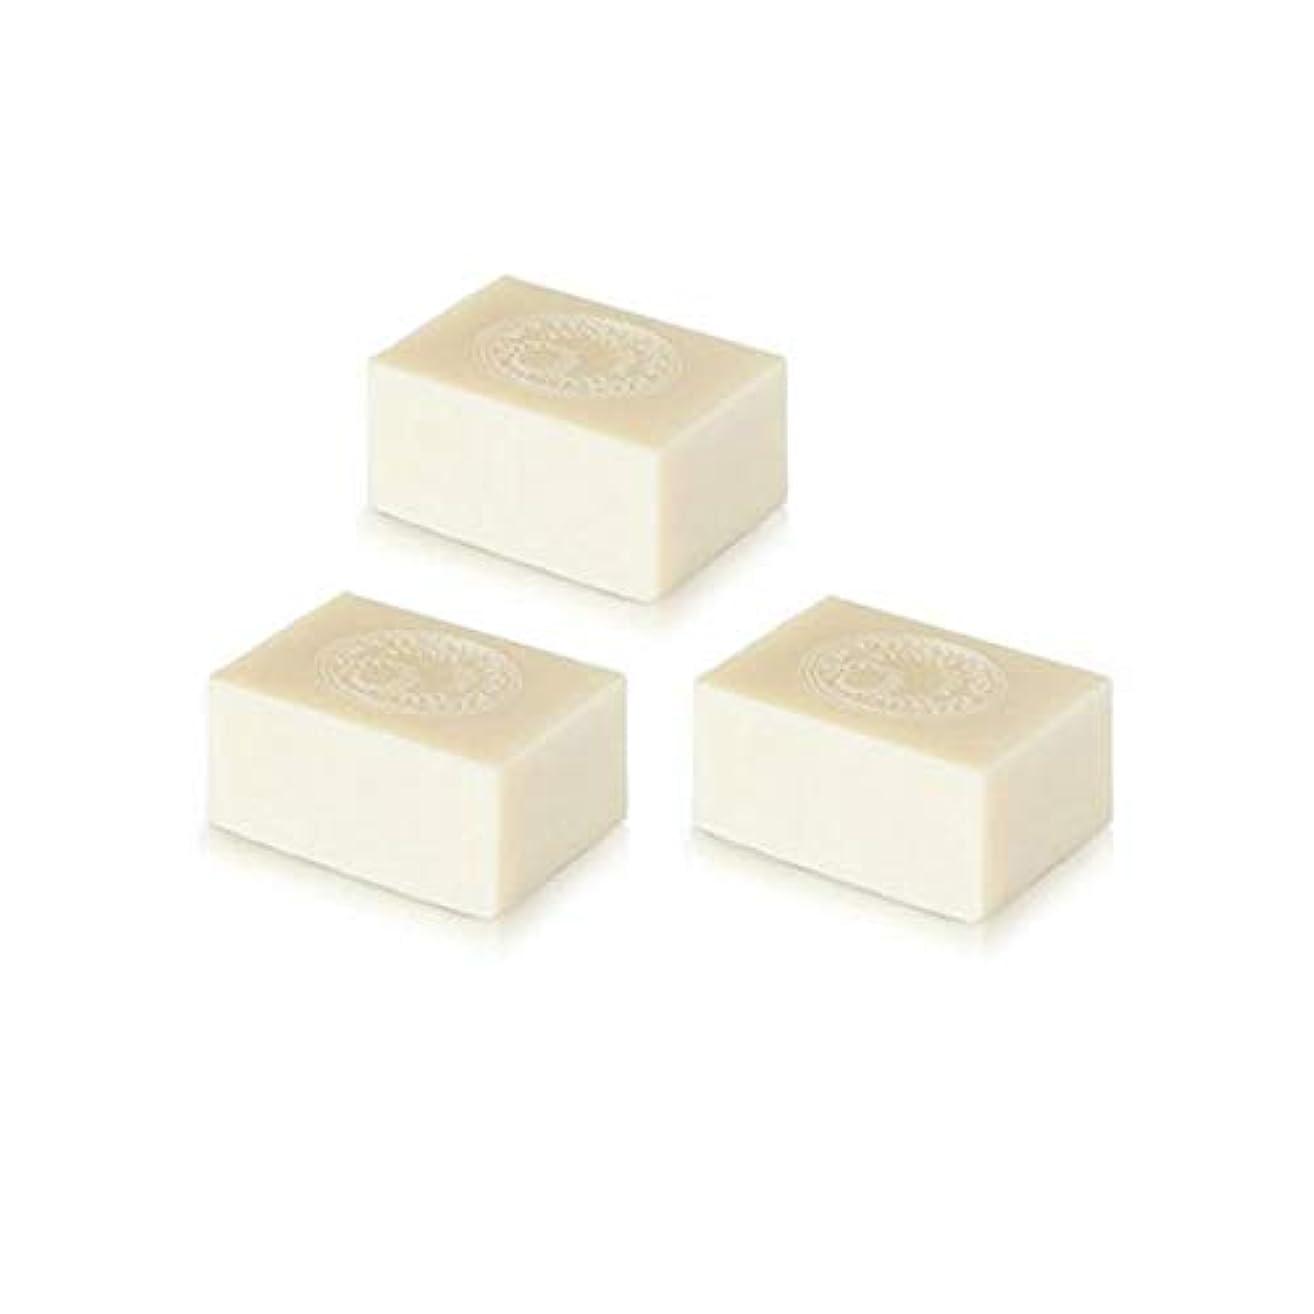 誕生前進故国アルガン石鹸3個セット( 145g ×3個) アルガンオイルの完全無添加石鹸